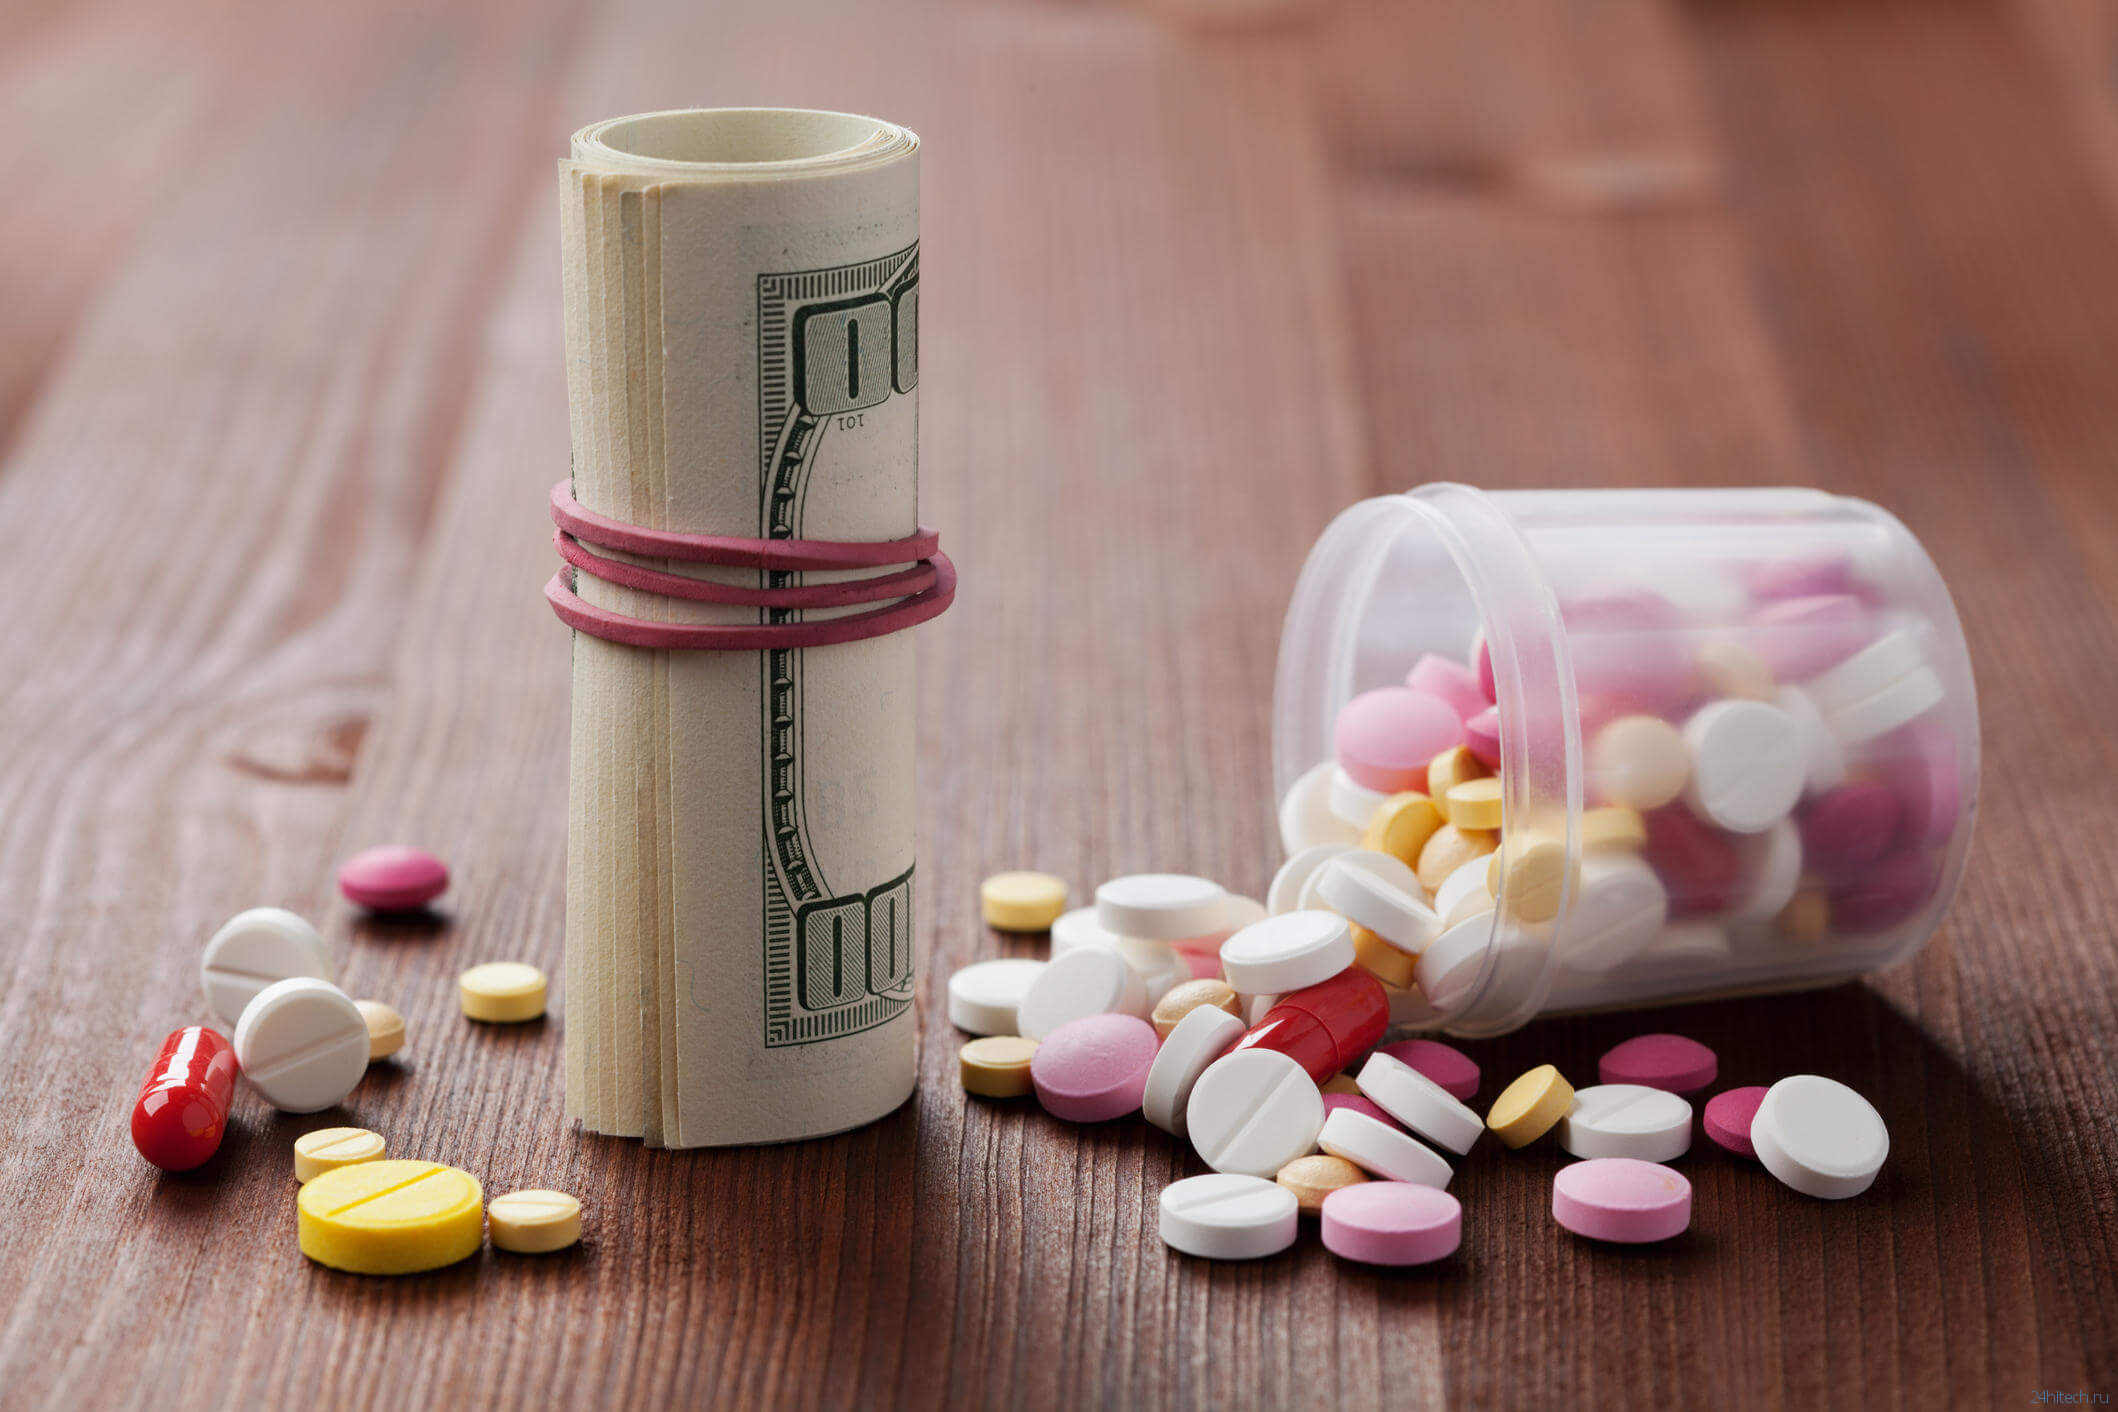 Антидепрессанты побочные эффекты - чем опасны препараты от депрессии, последствия и возможный вред